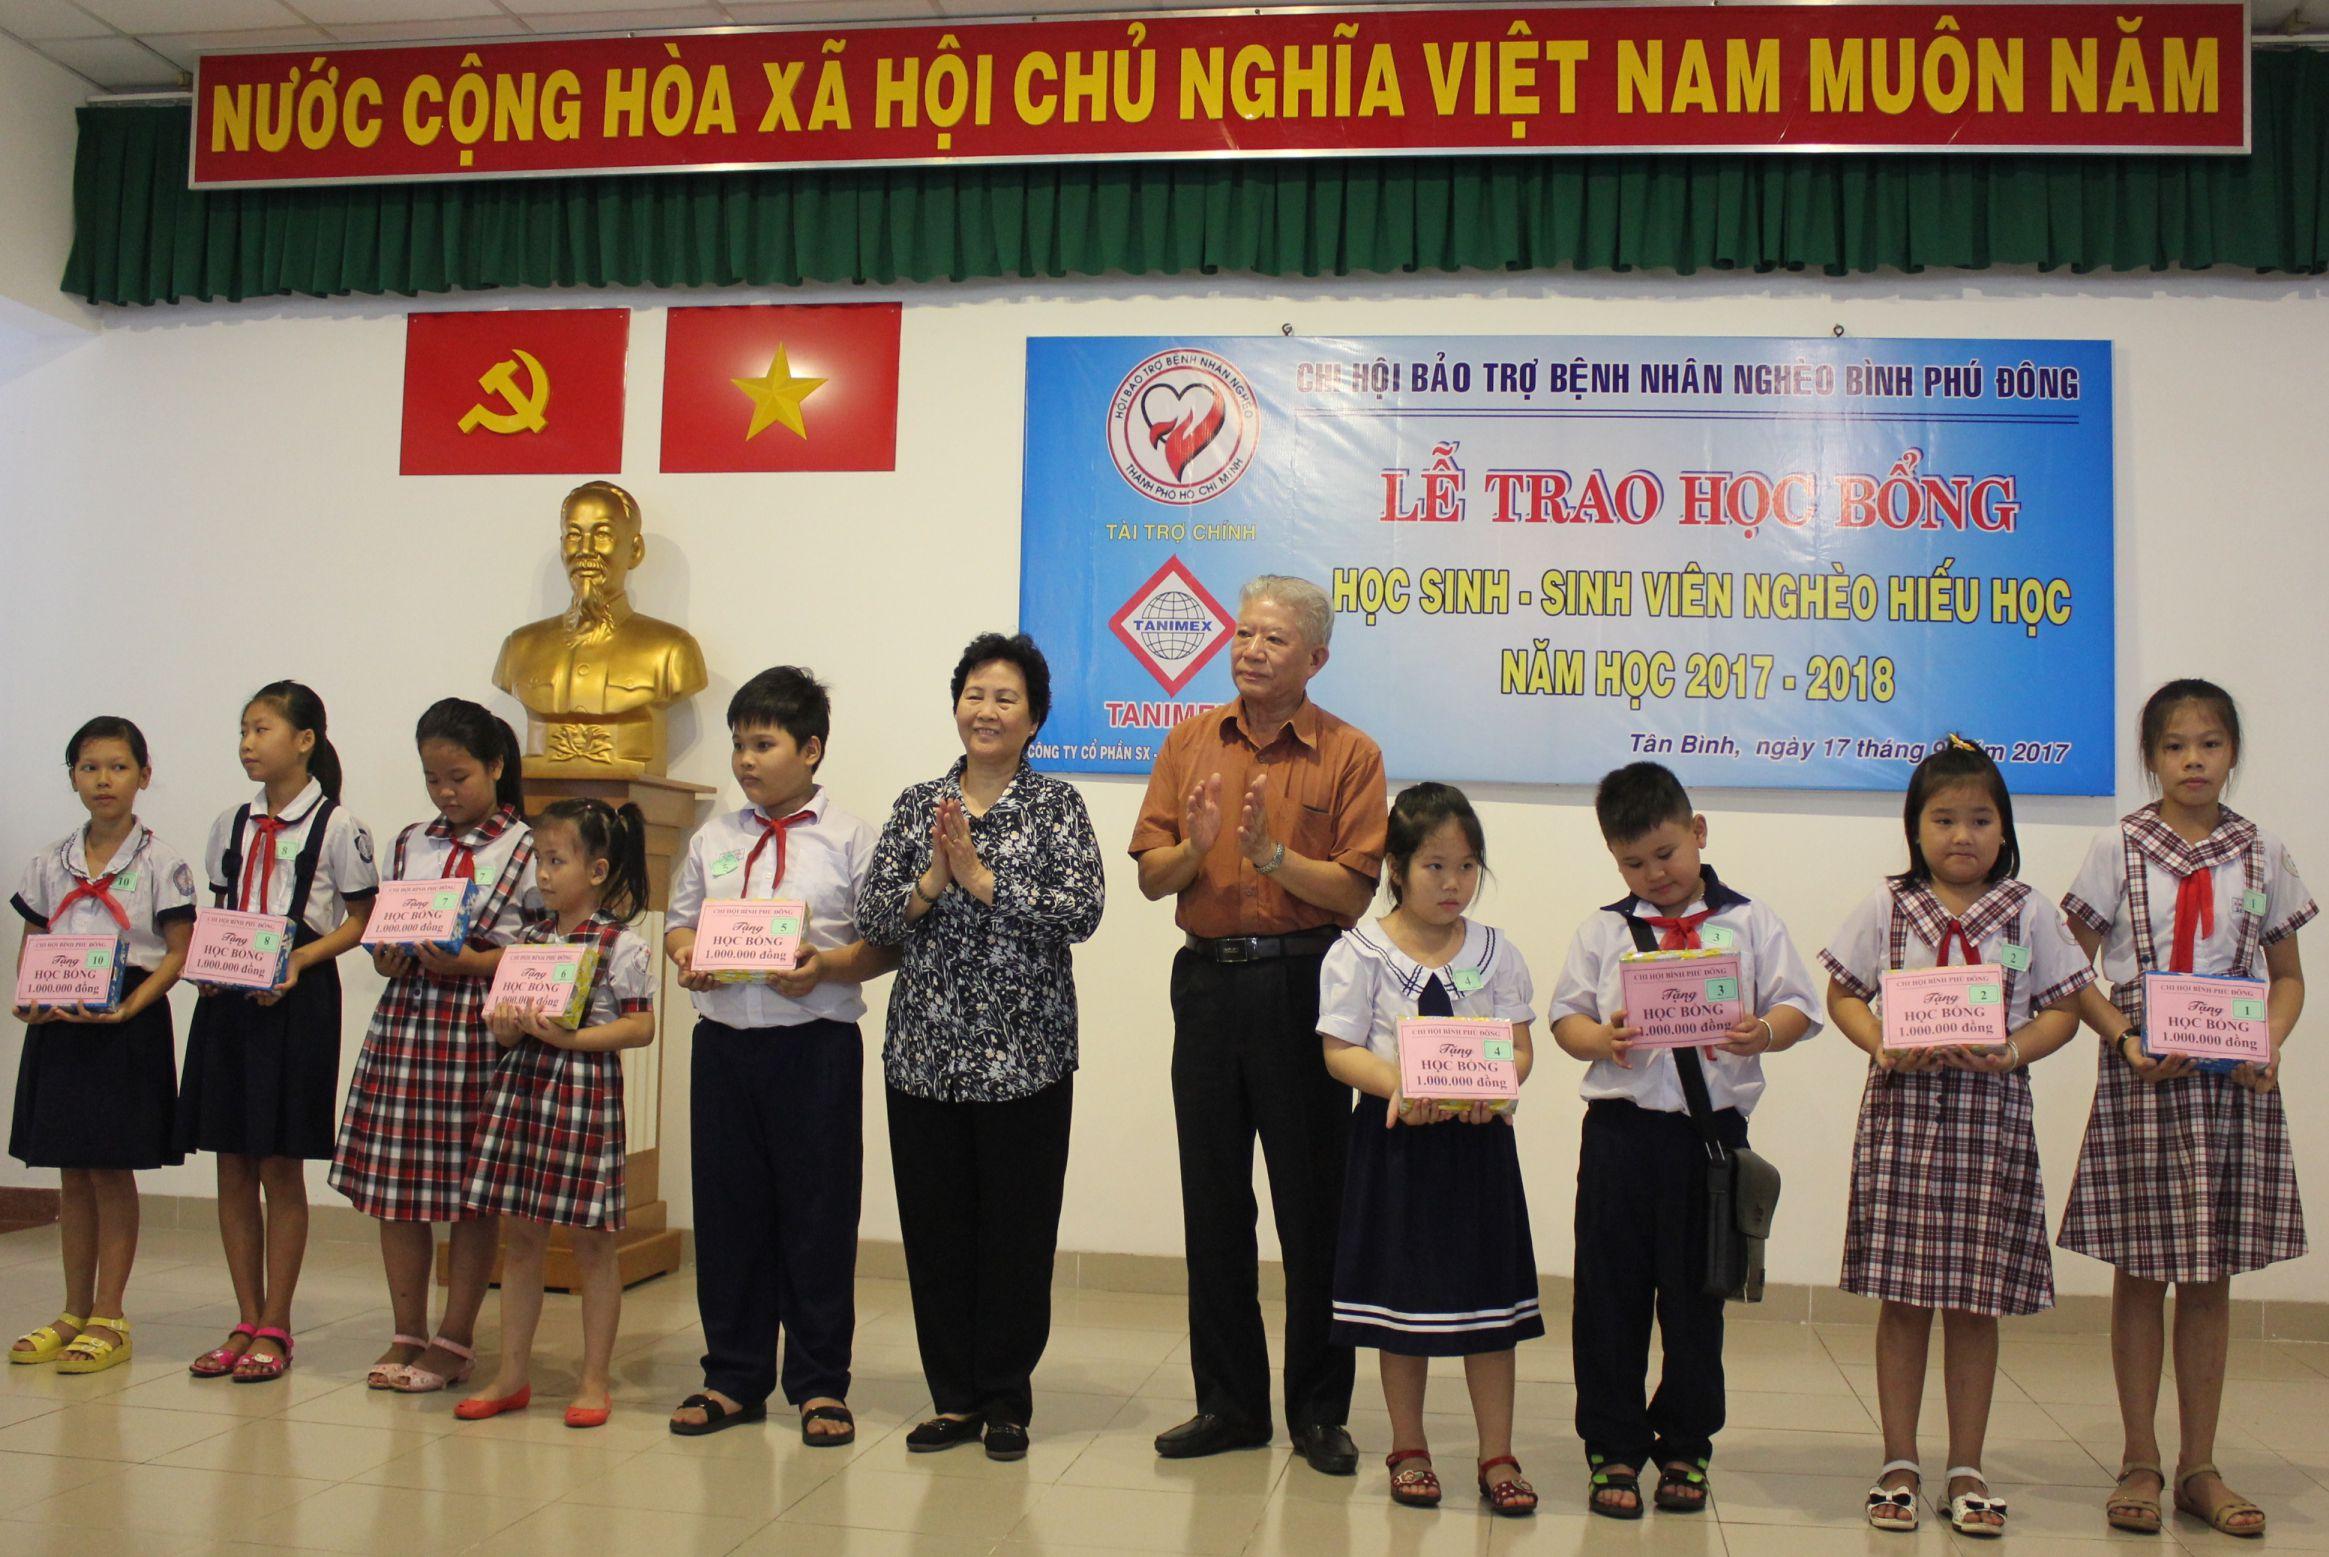 Chi hội Bình Phú Đông trao học bổng cho học sinh nghèo